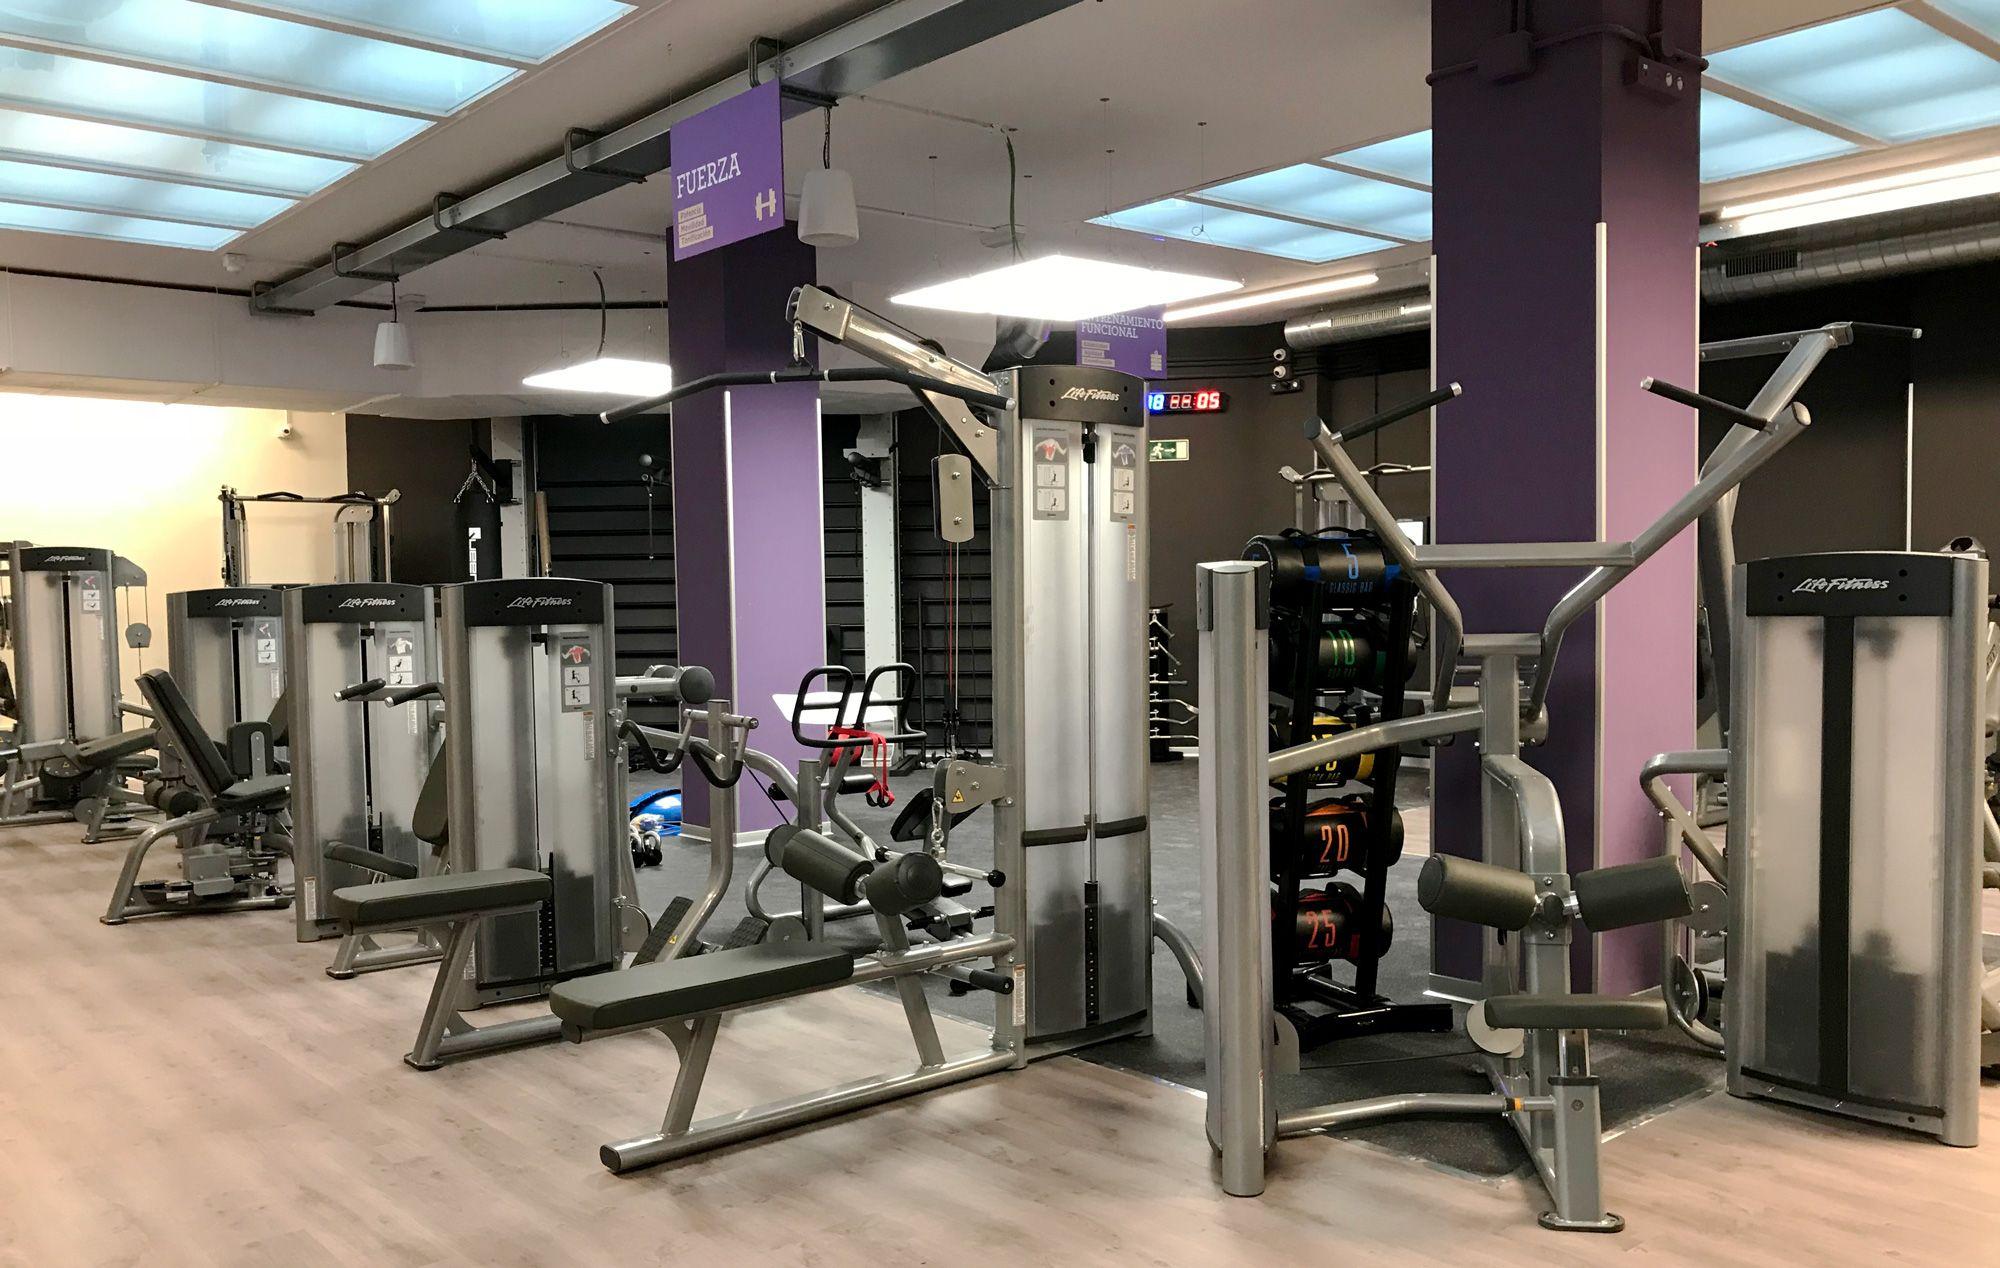 Foto de Anytime Fitness debuta en la zona norte de España